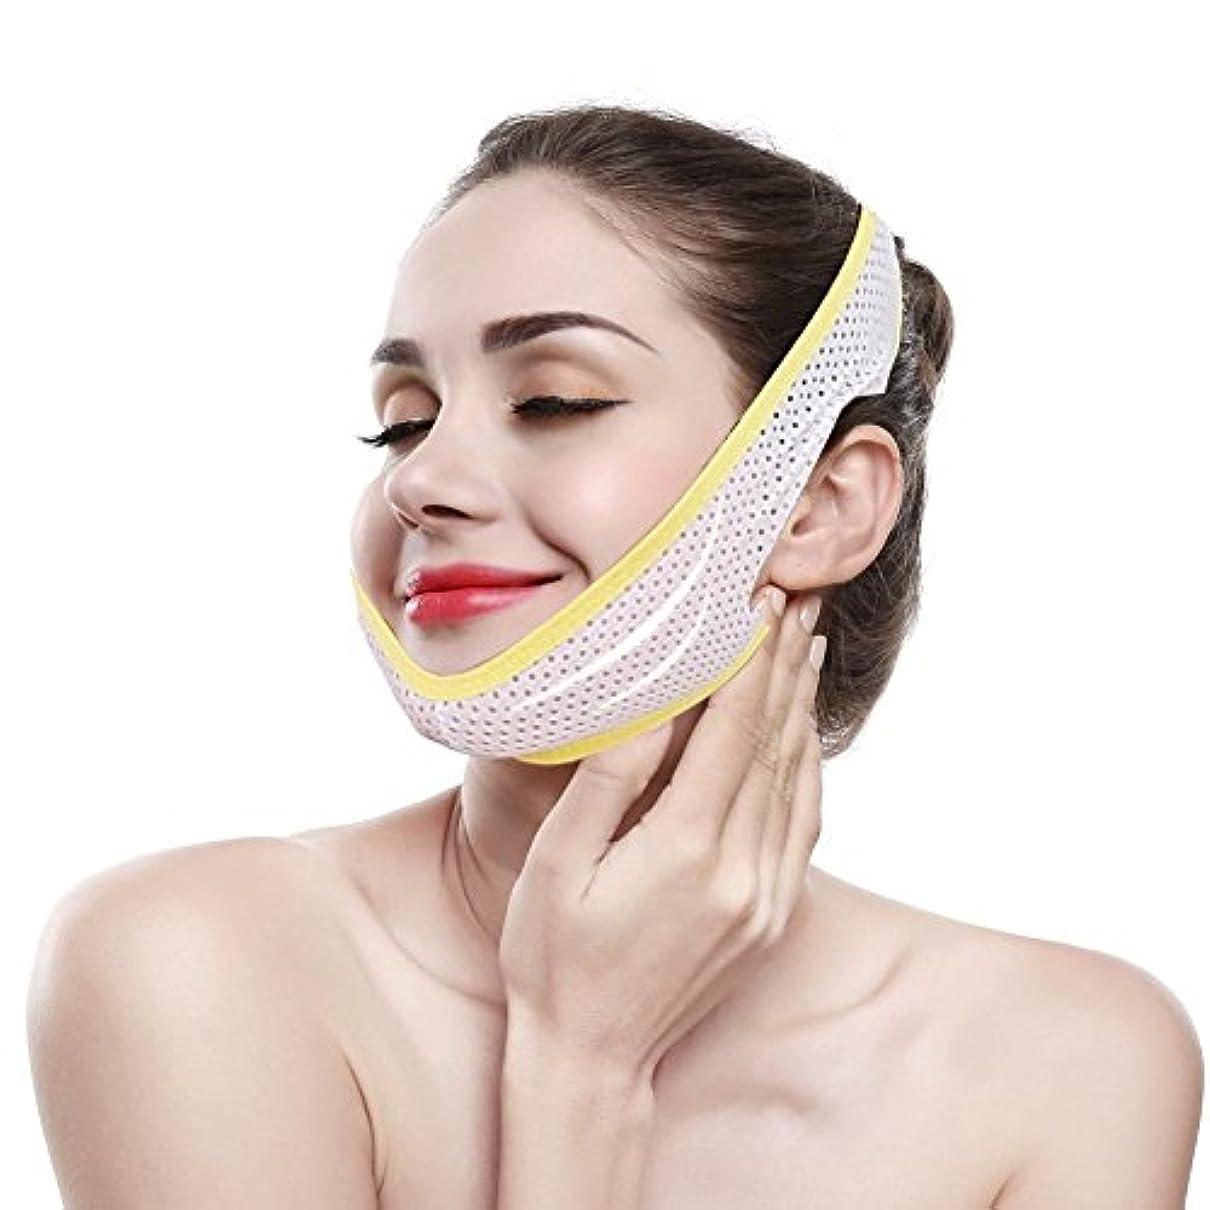 郊外入場安息顎リフト フェイススリミング包帯 フェイスベルト 顔の包帯スリミングダブルチンVラインとフェイシャルケアファーミングスキン 女性の超薄型 フェイスマス クラインベルト スリミング製品マスク(M)